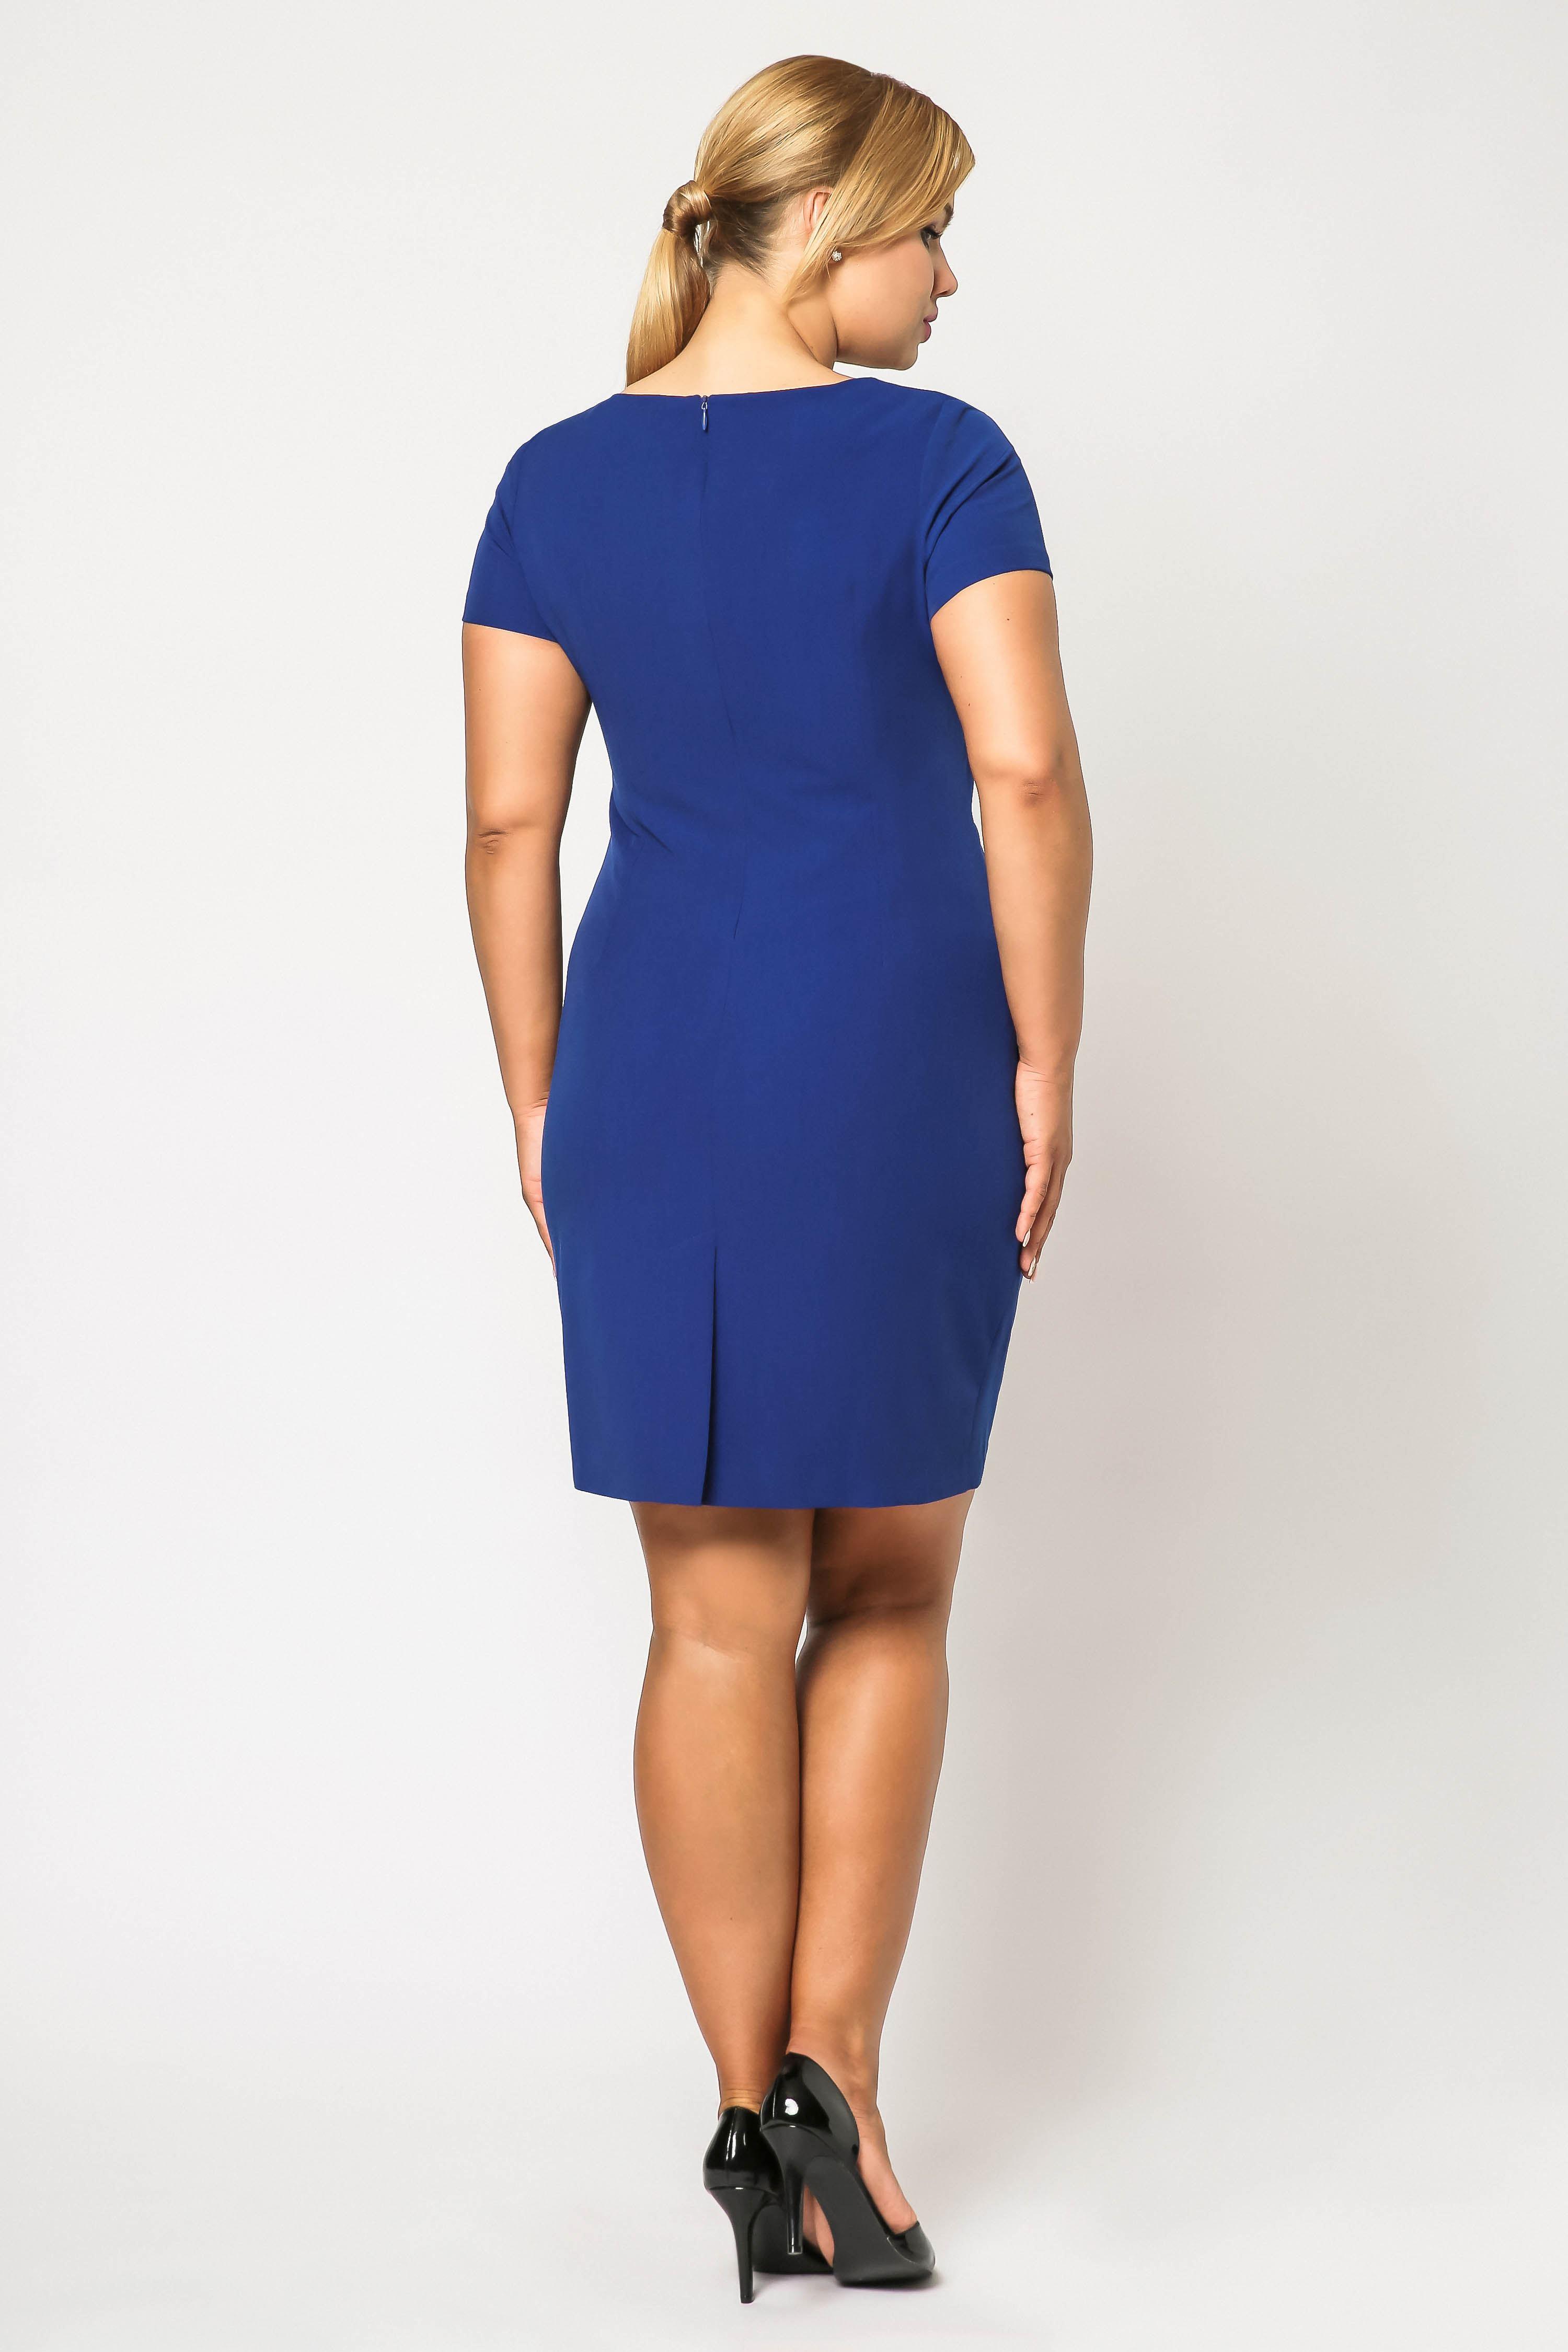 Rachel dress in cornflower blue